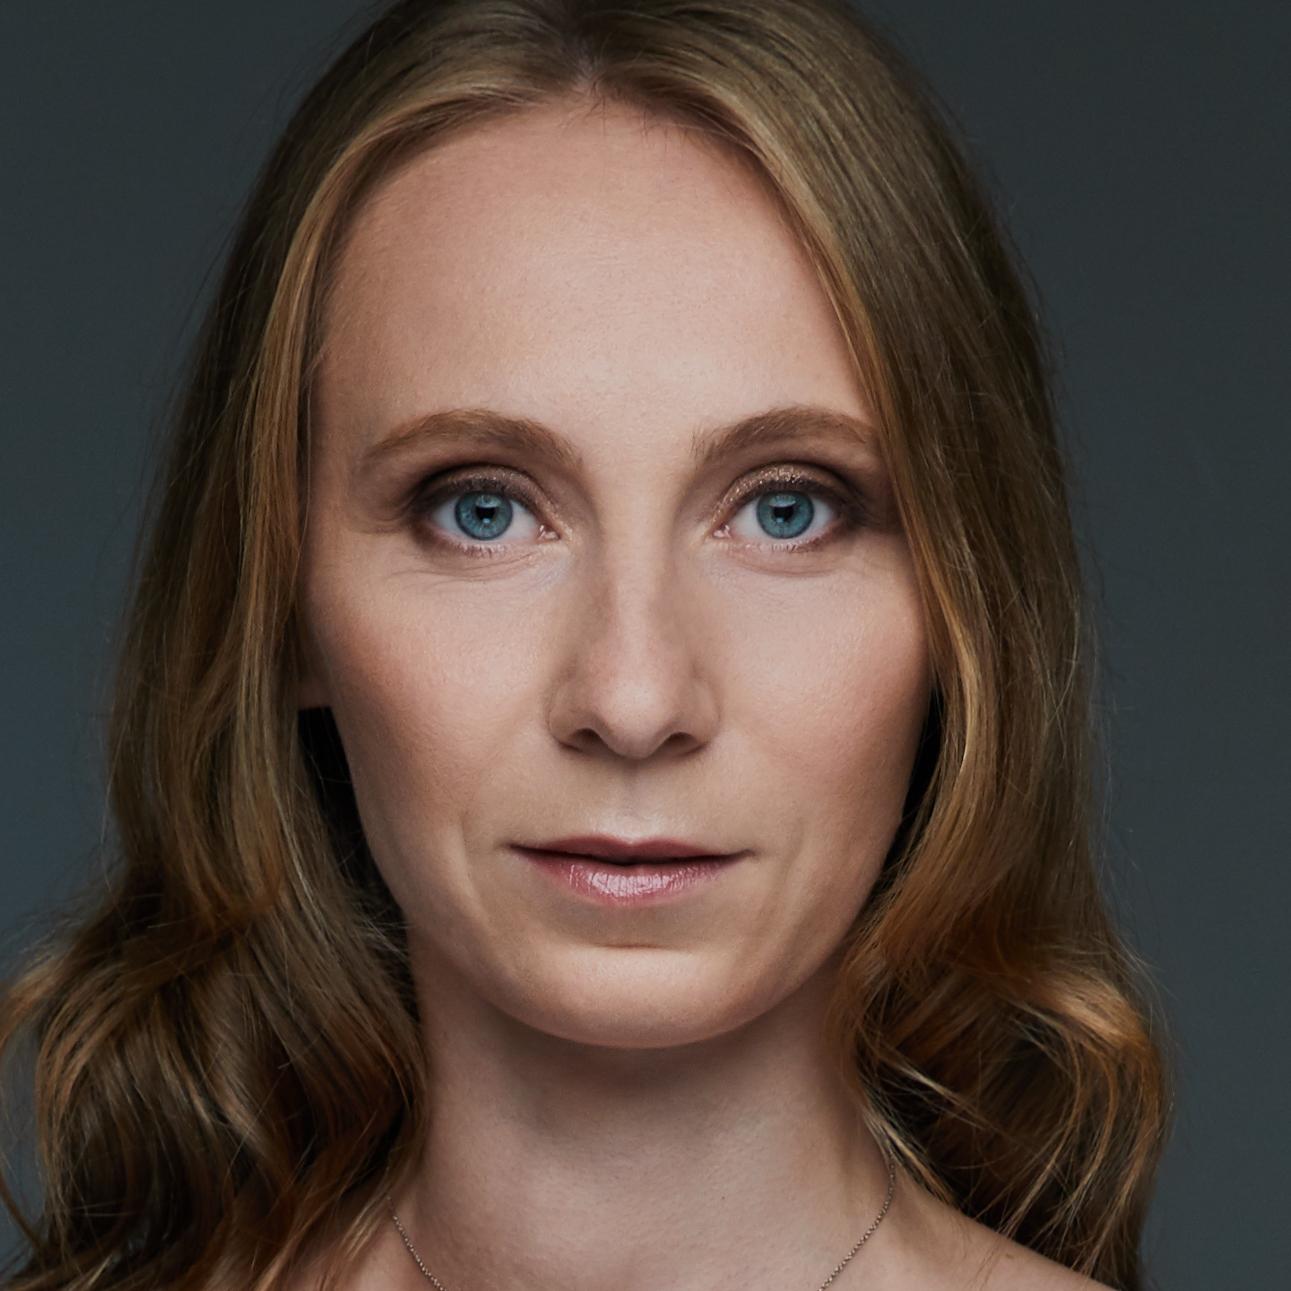 Ekaterina Krasko